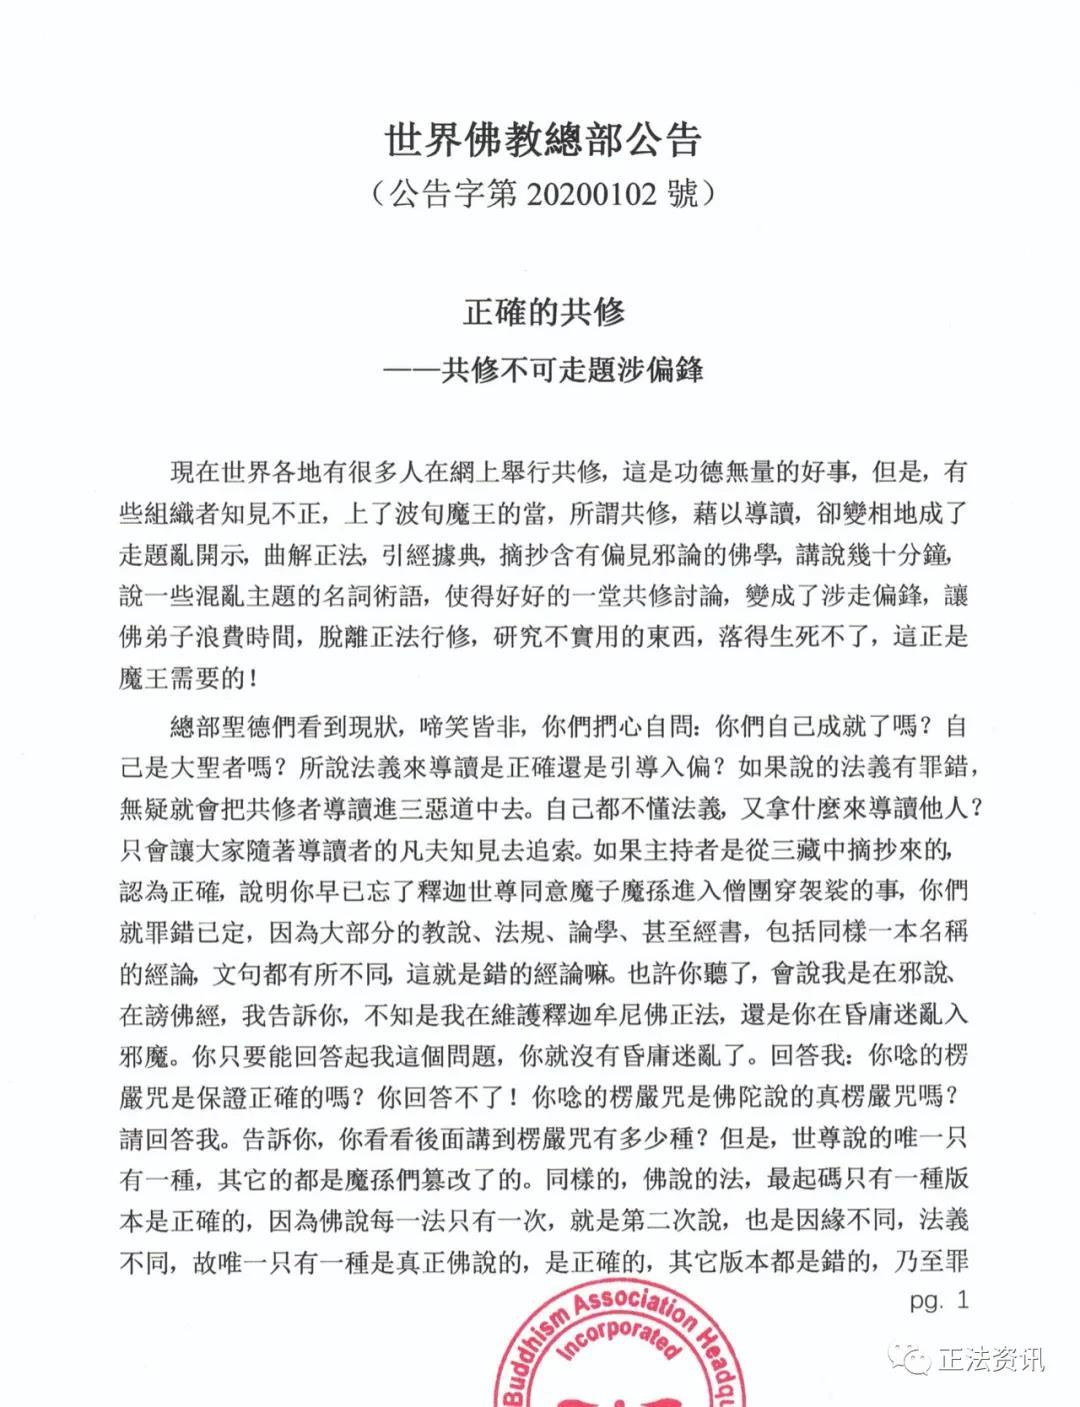 世界佛教总部公告(公告字第20200102号)- 正确的共修 第1张